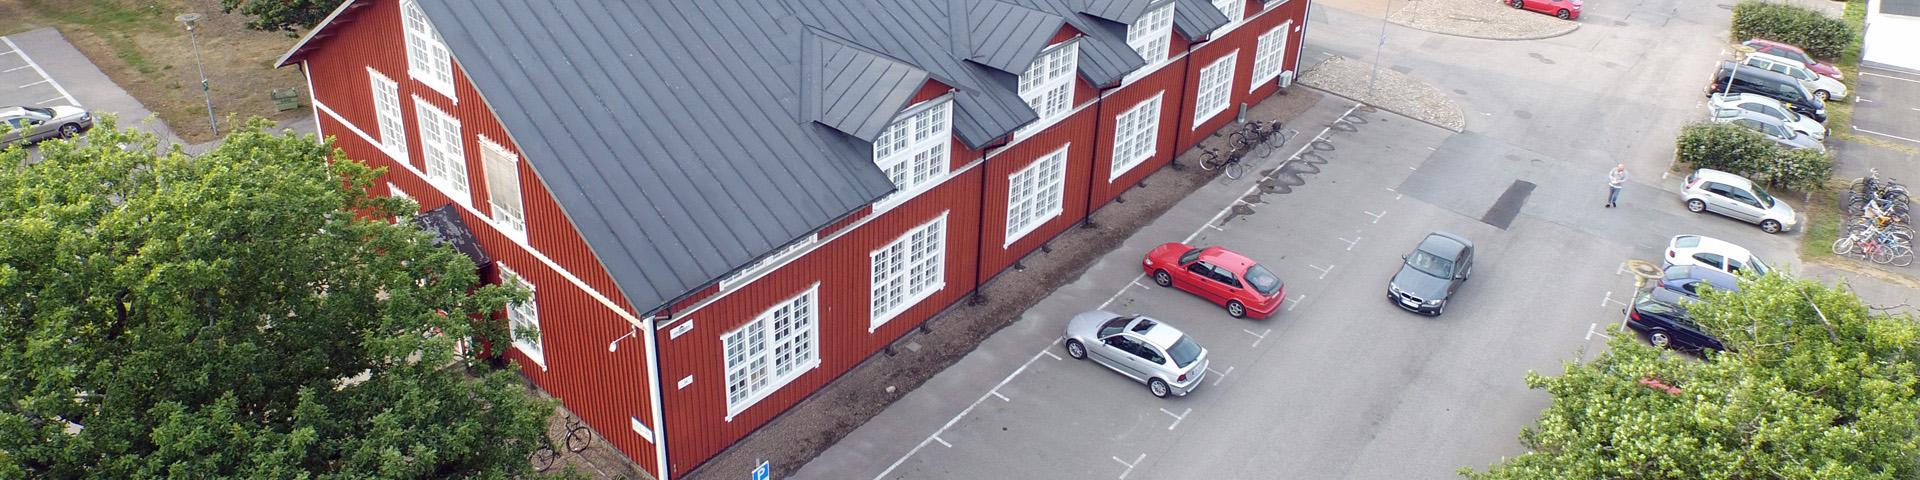 campus-grasvik-3